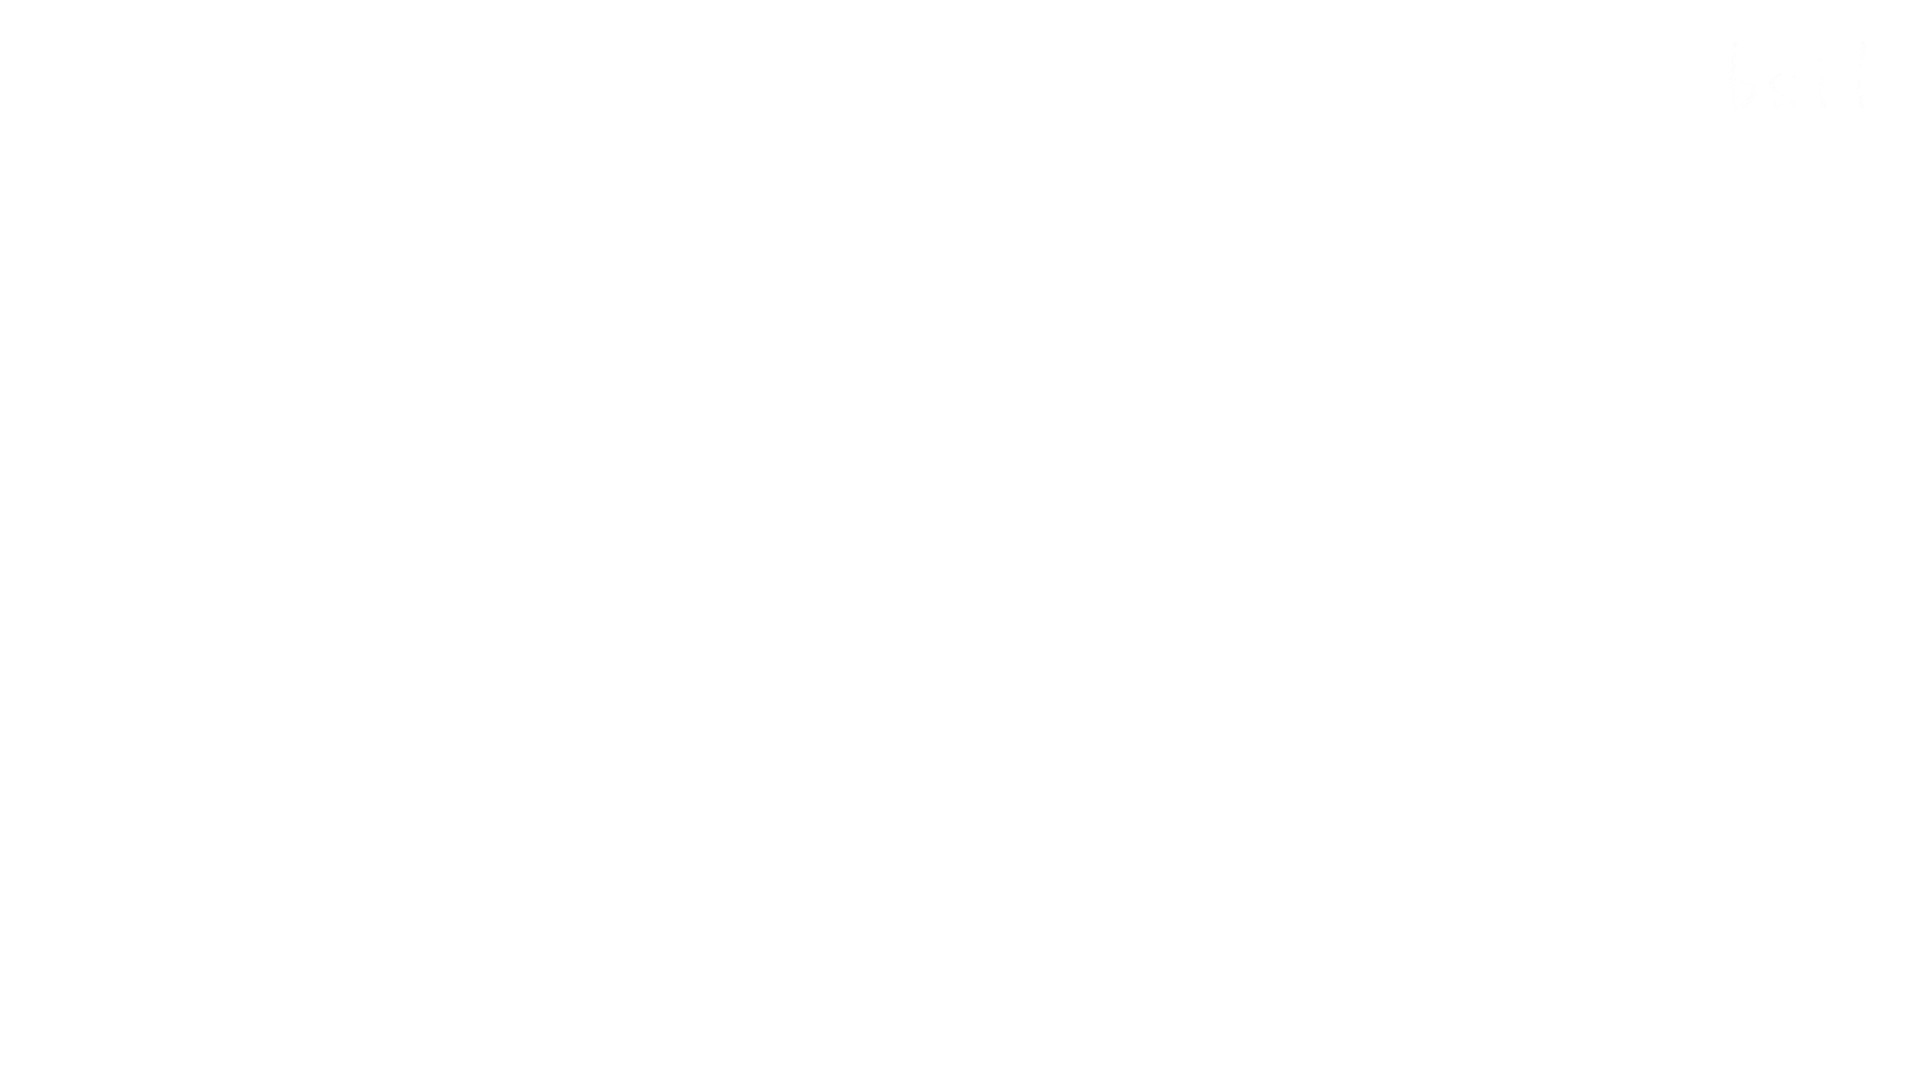 至高下半身盗撮-PREMIUM-【院内病棟編 】 vol.01 盗撮 | ナースを狙え  62pic 56